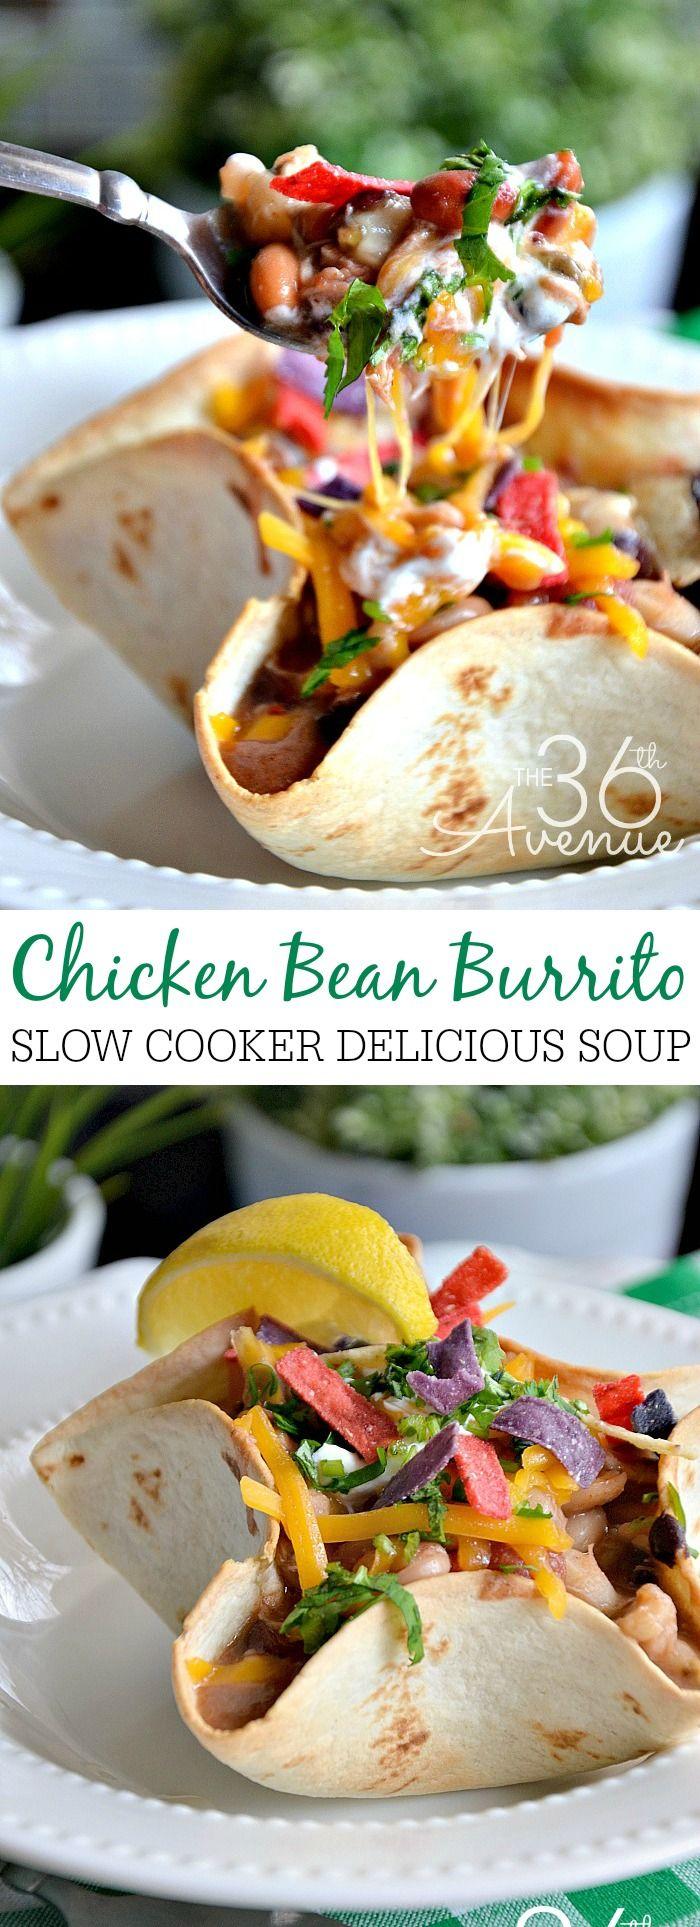 Chicken Bean Burrito Soup the36thavenue.com